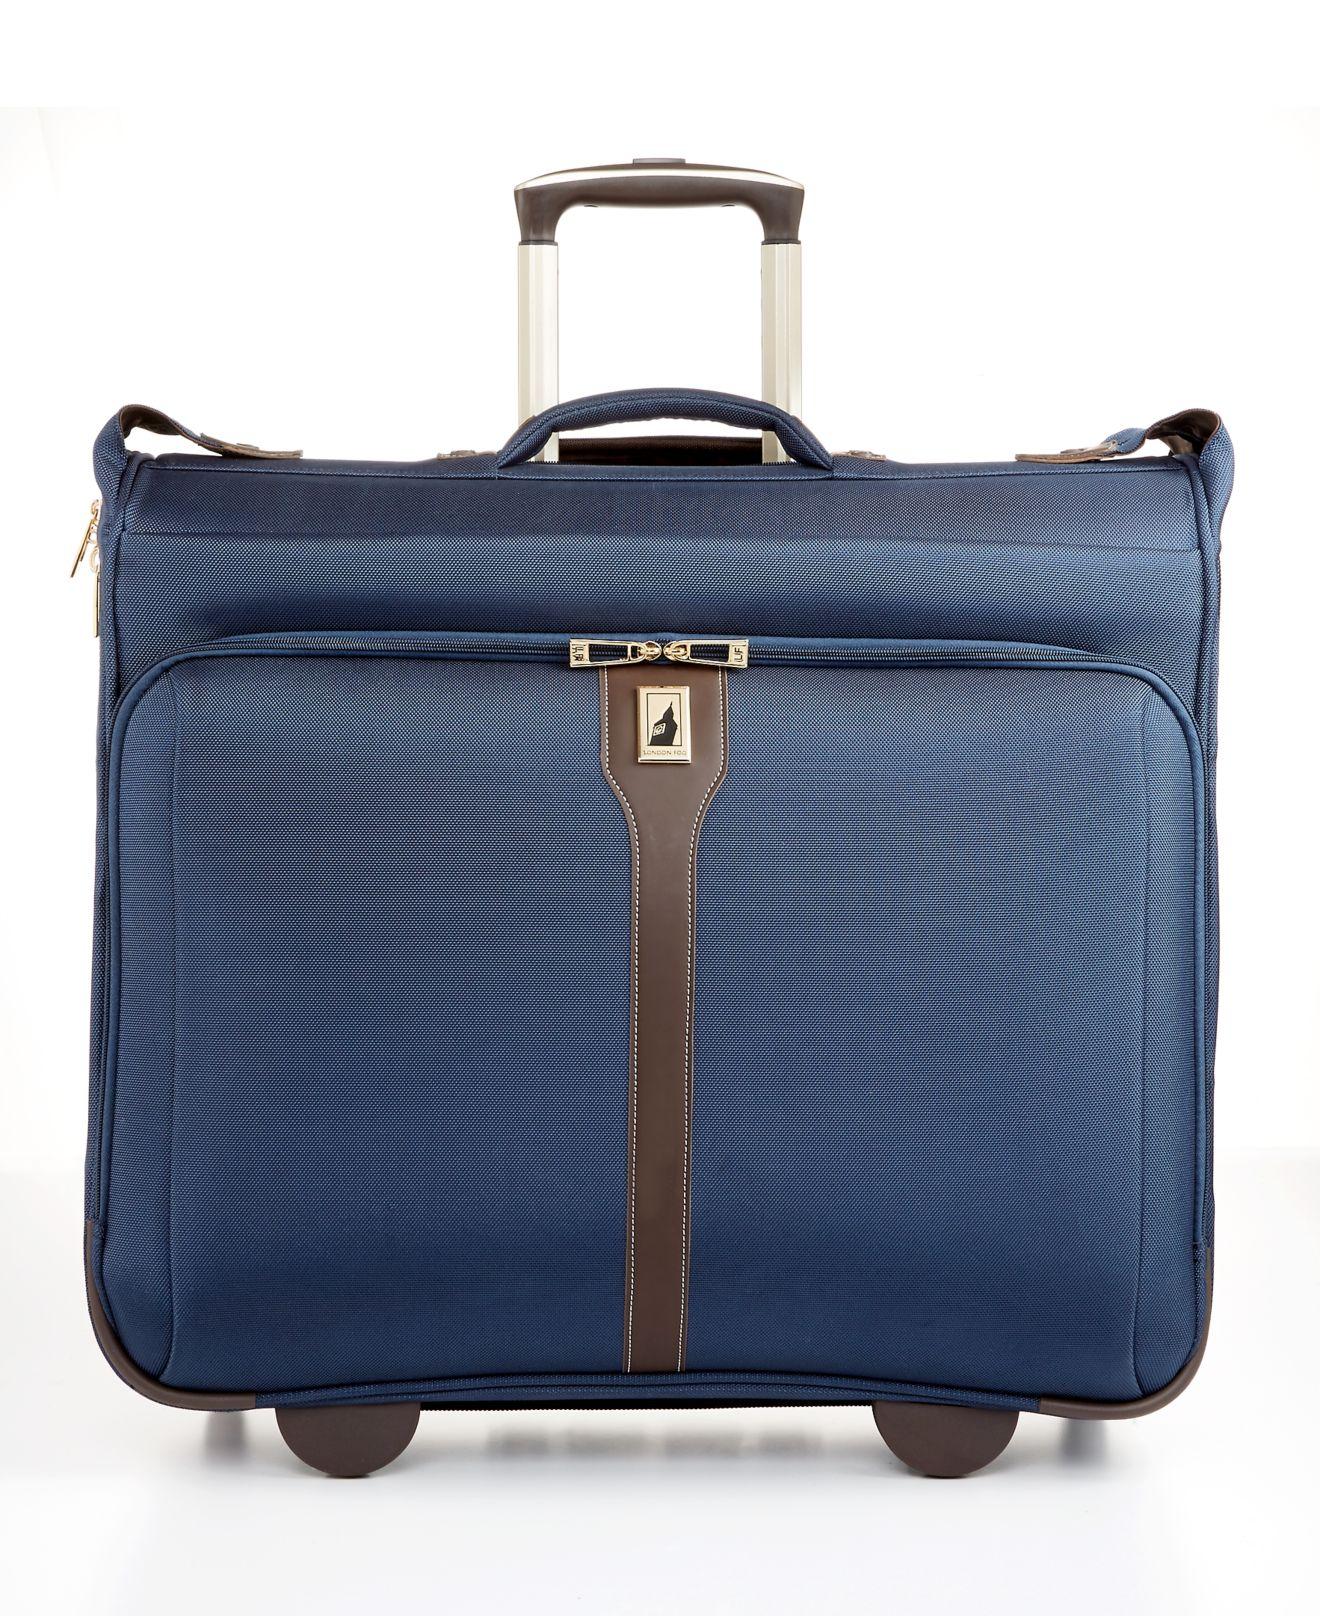 Westminster 44 Rolling Garment Bag